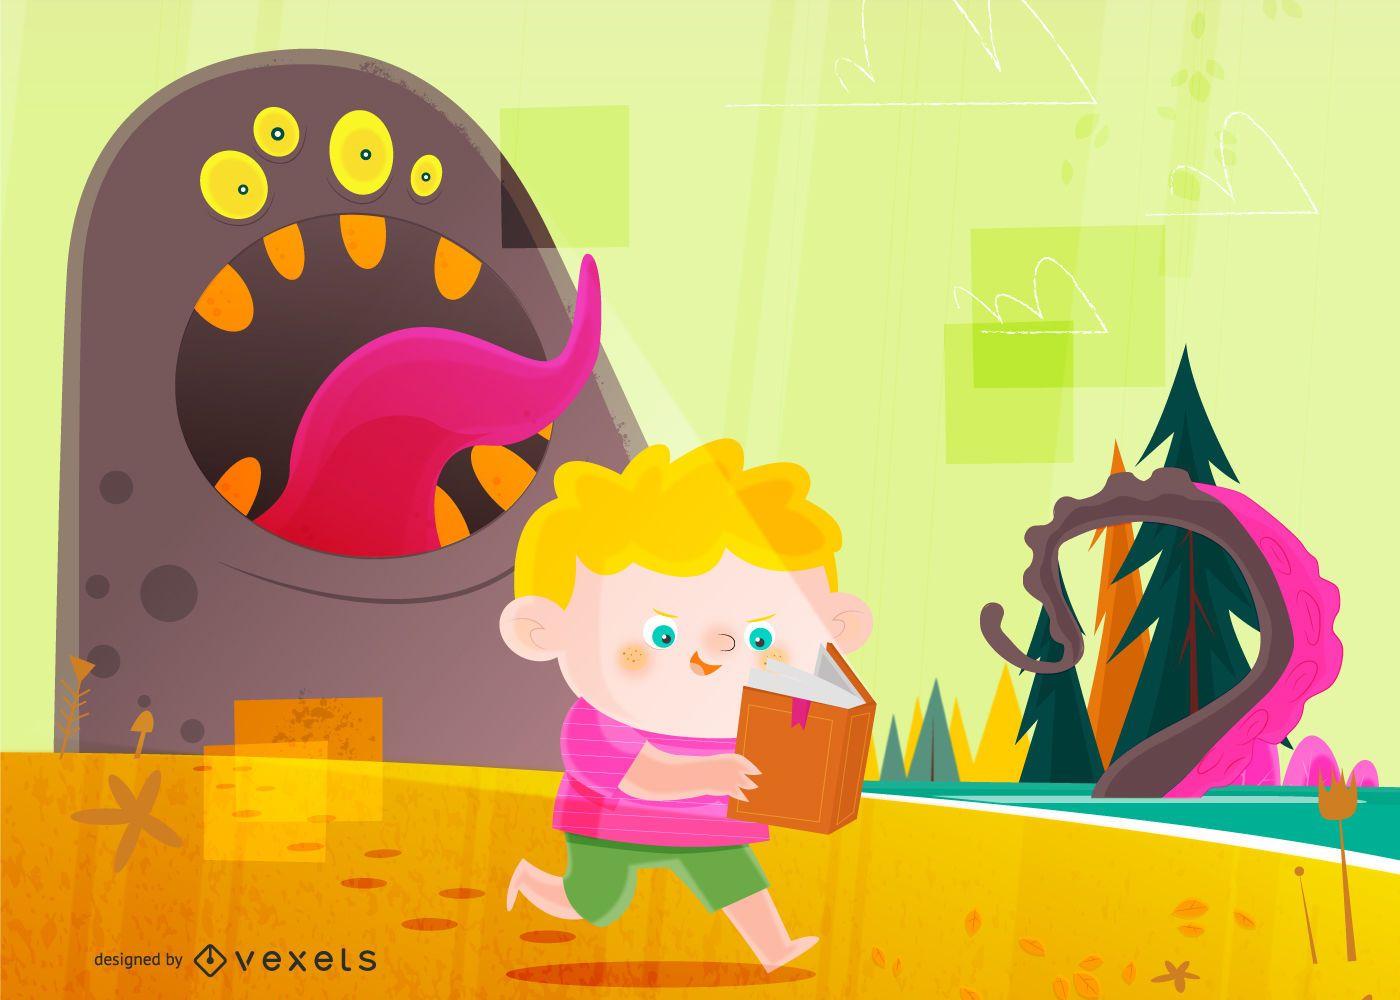 Boy and Monster Illustration Design